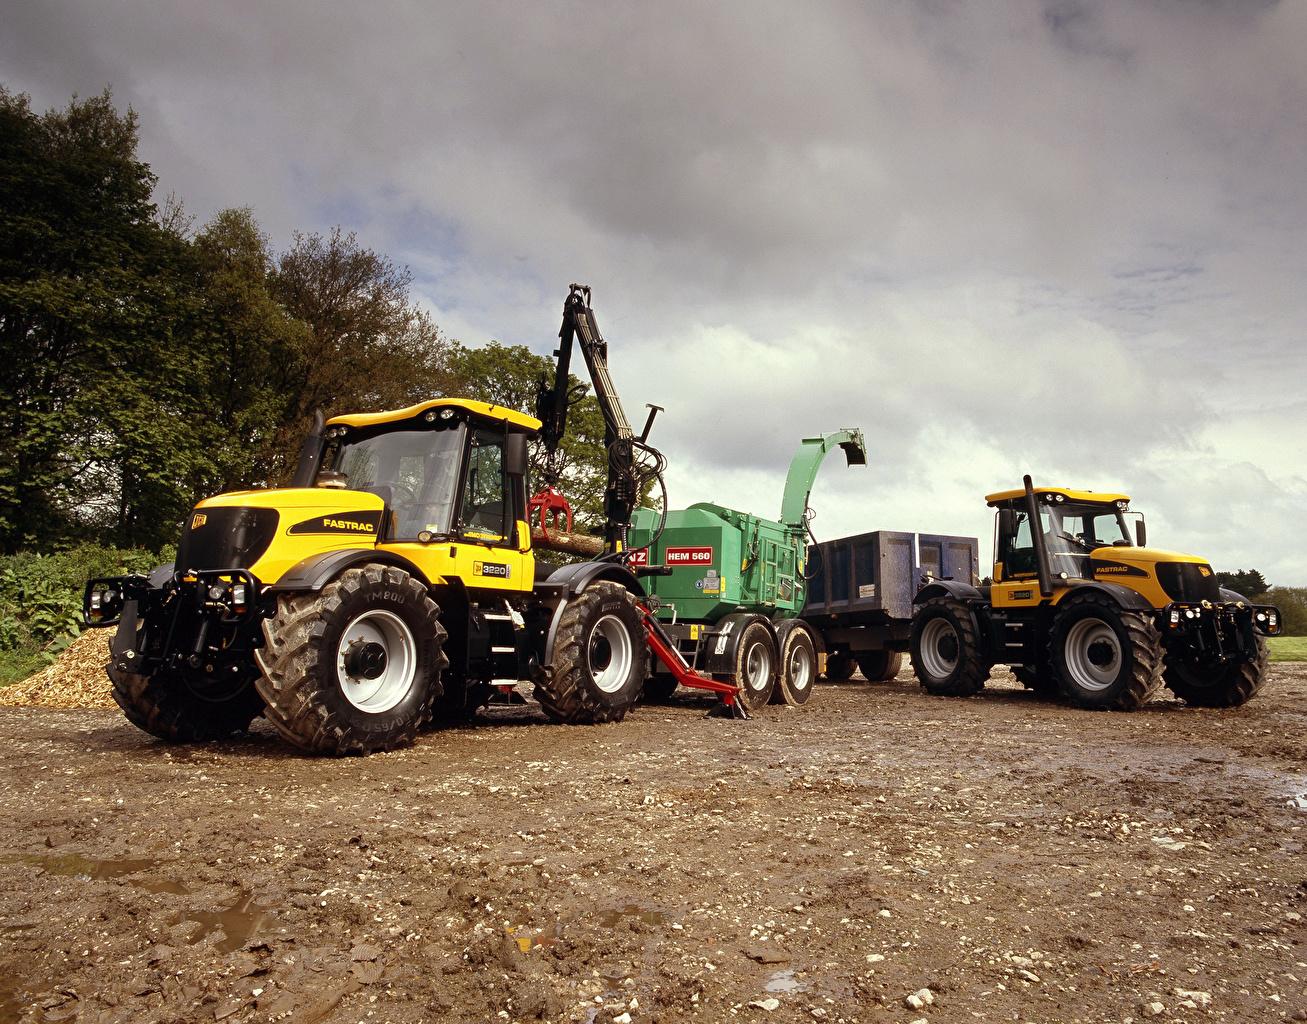 ,农机,2002-06 JCB Fastrac 3220,拖拉机,2 兩,农业机器,,